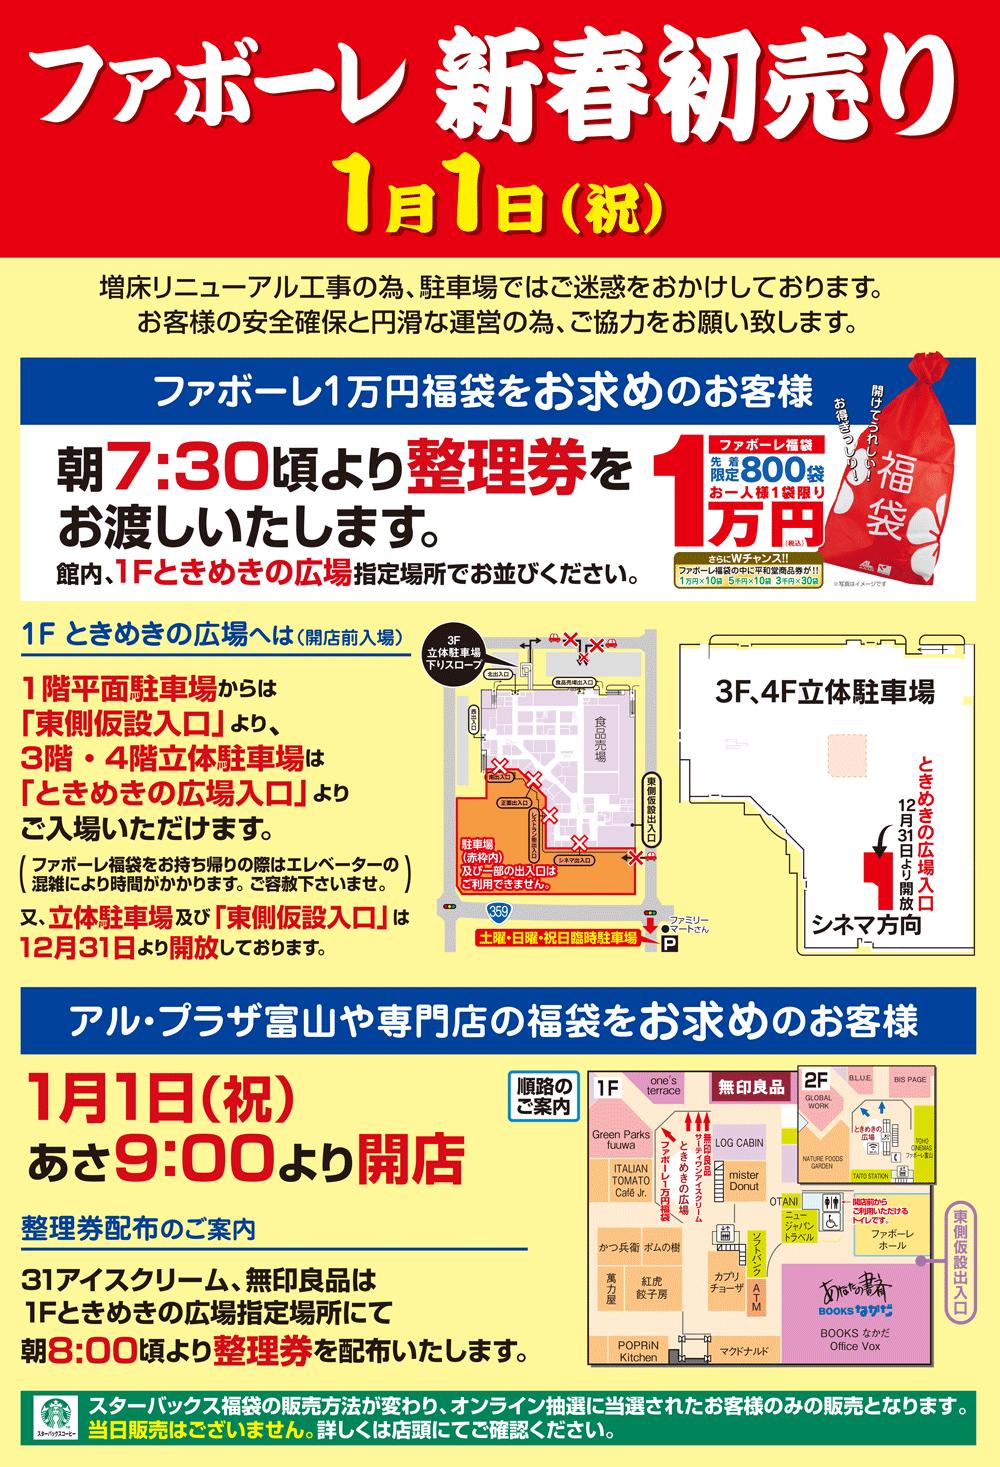 ファボーレ富山の2019年の福袋販売情報